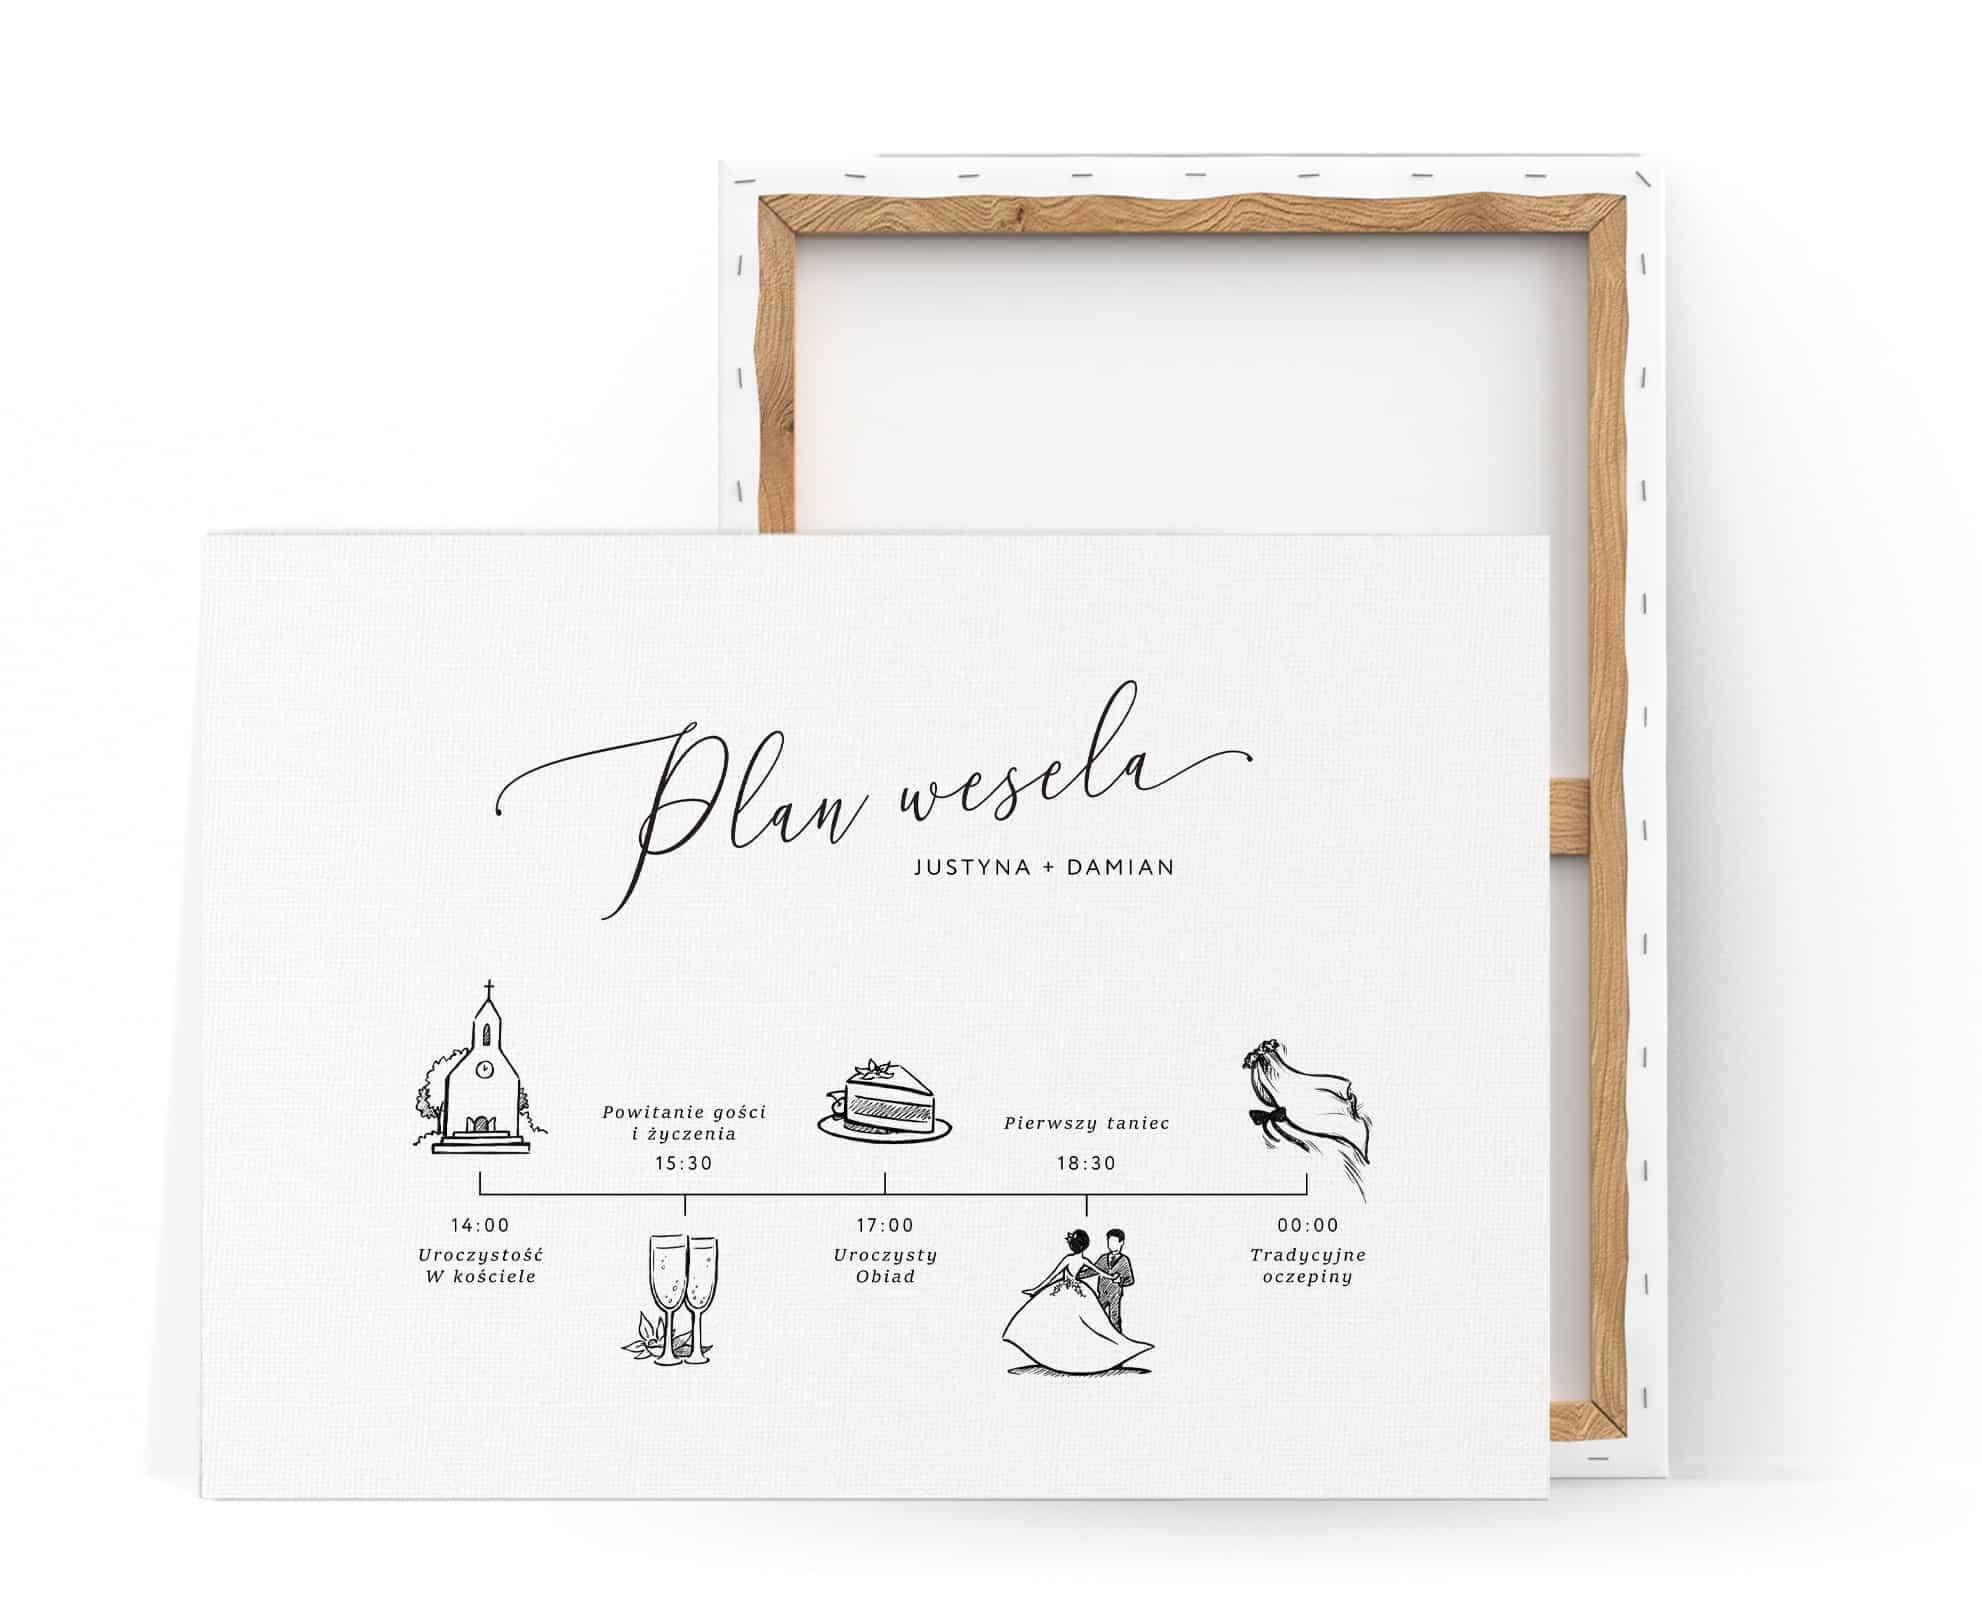 Plan ceremonii na płónie do postawienia na sali weselnej